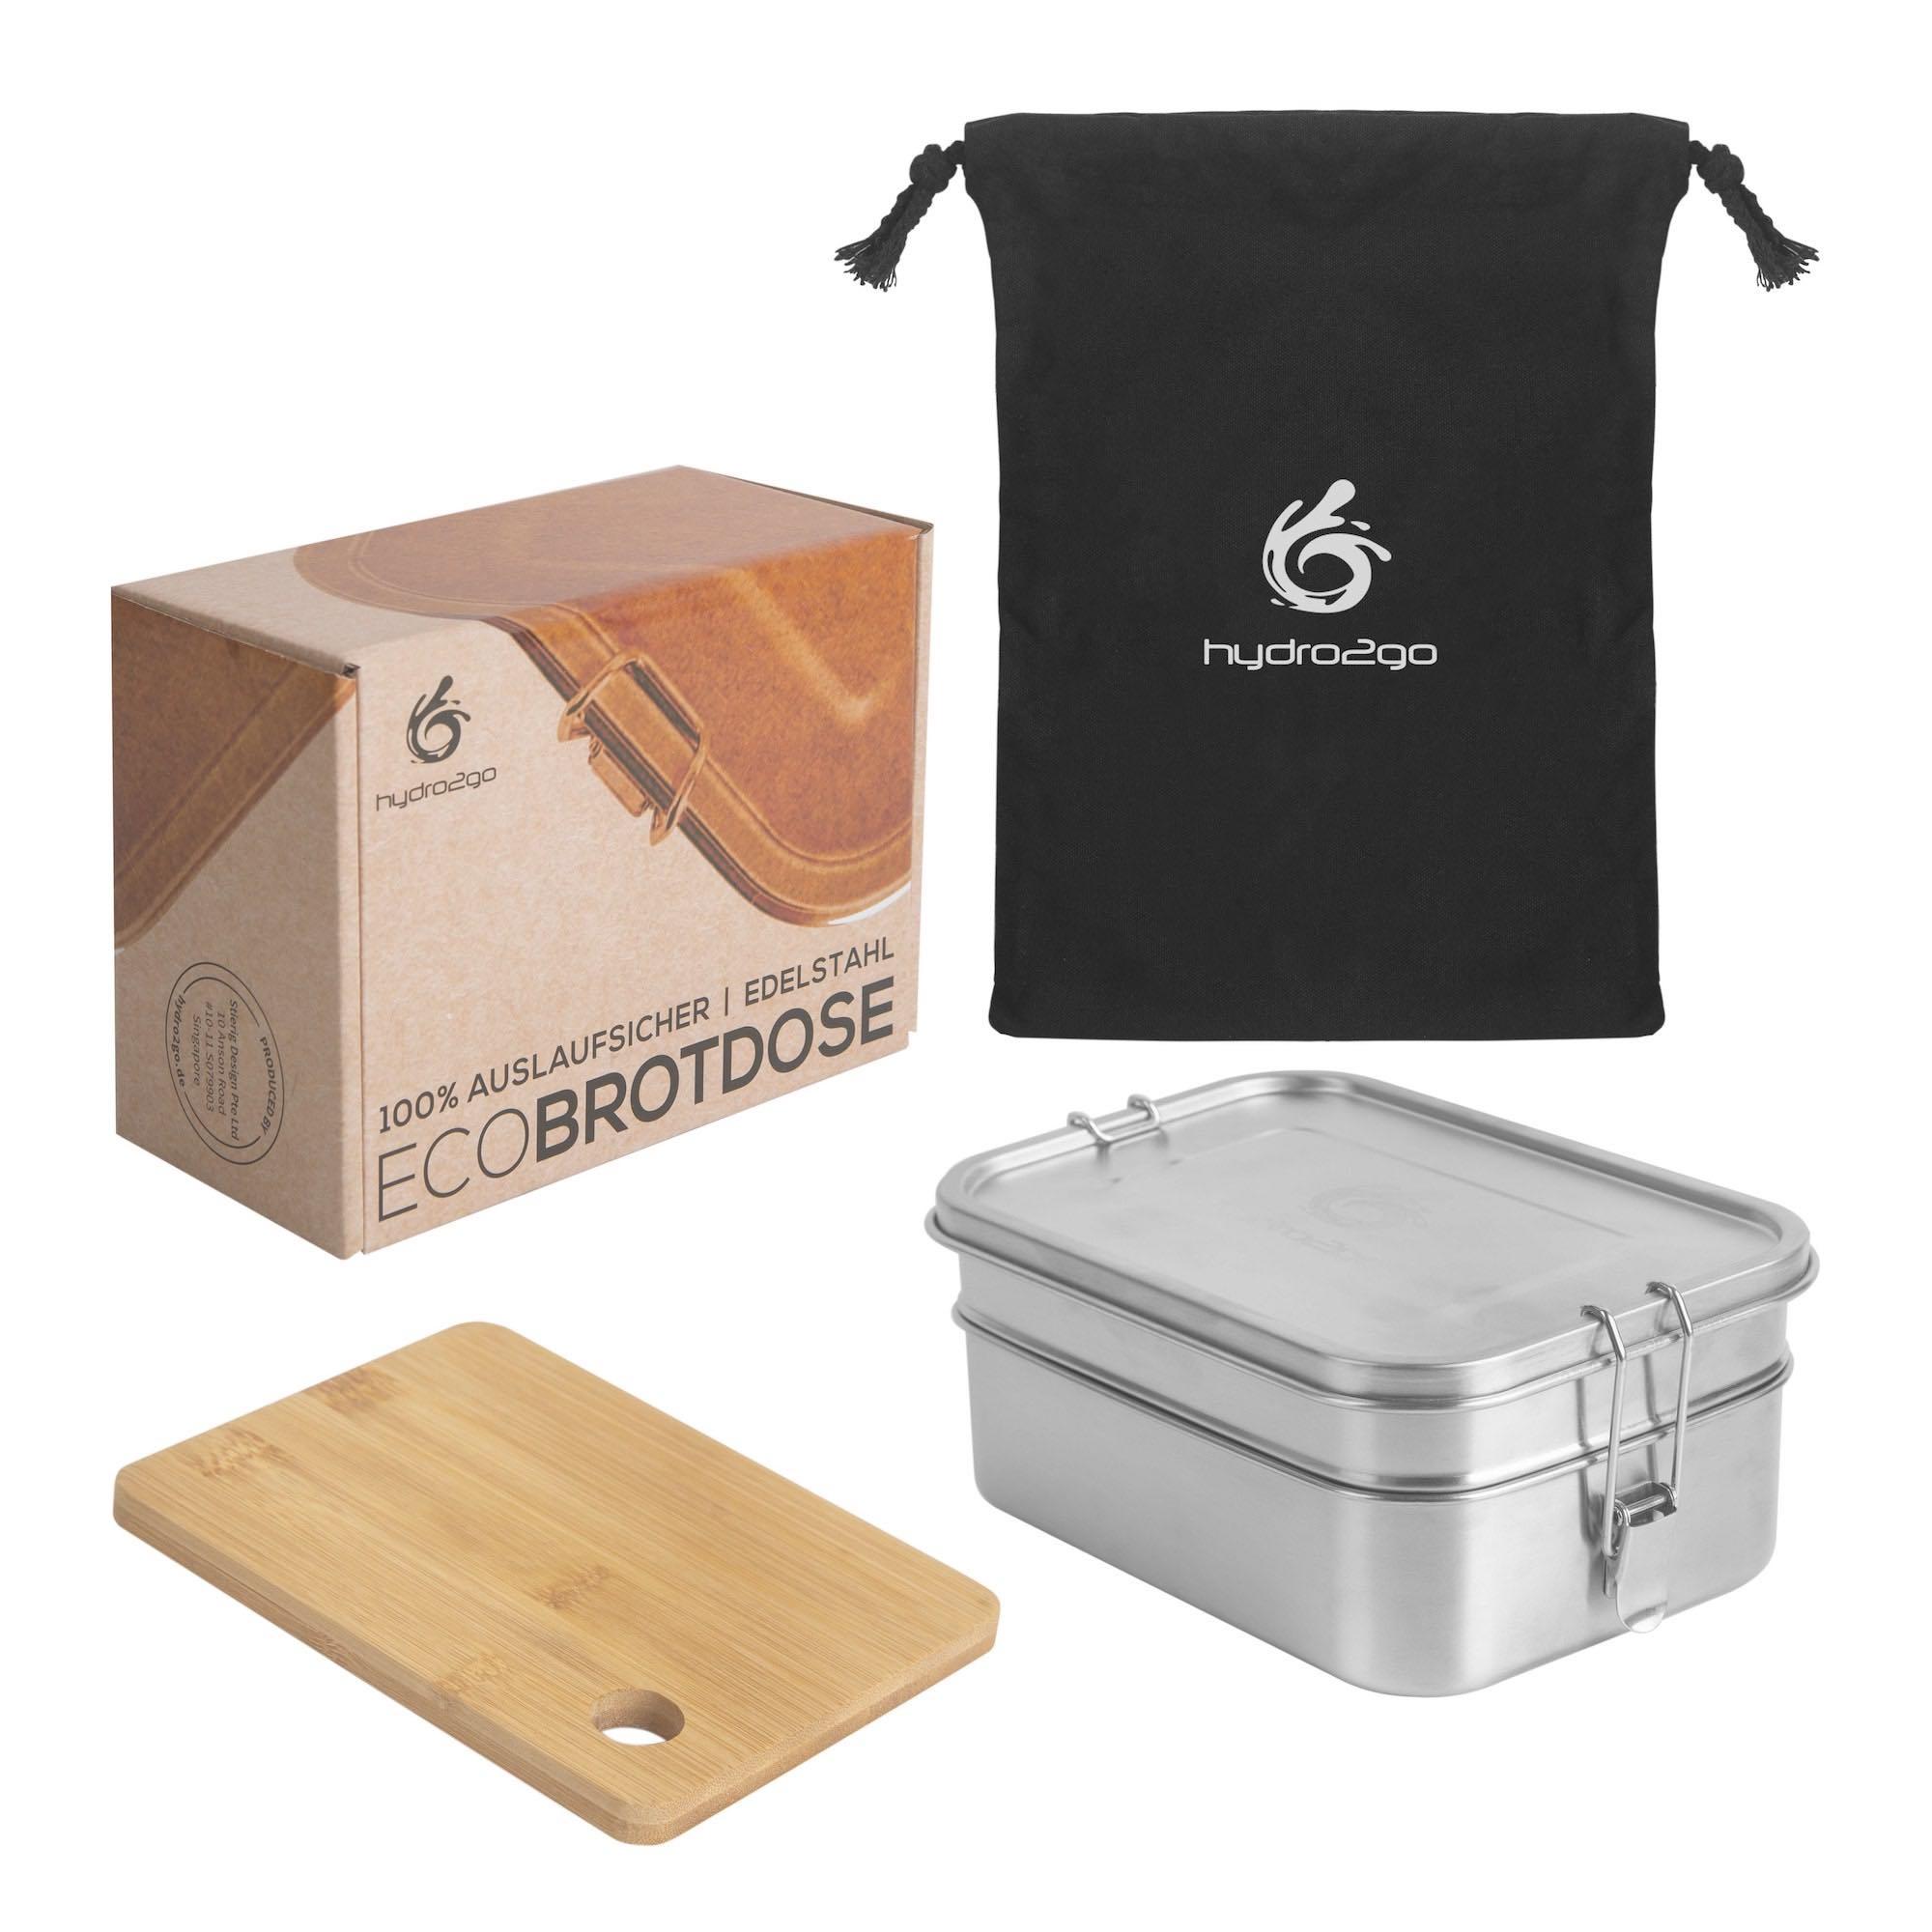 lunchbox edelstahl hydro2go